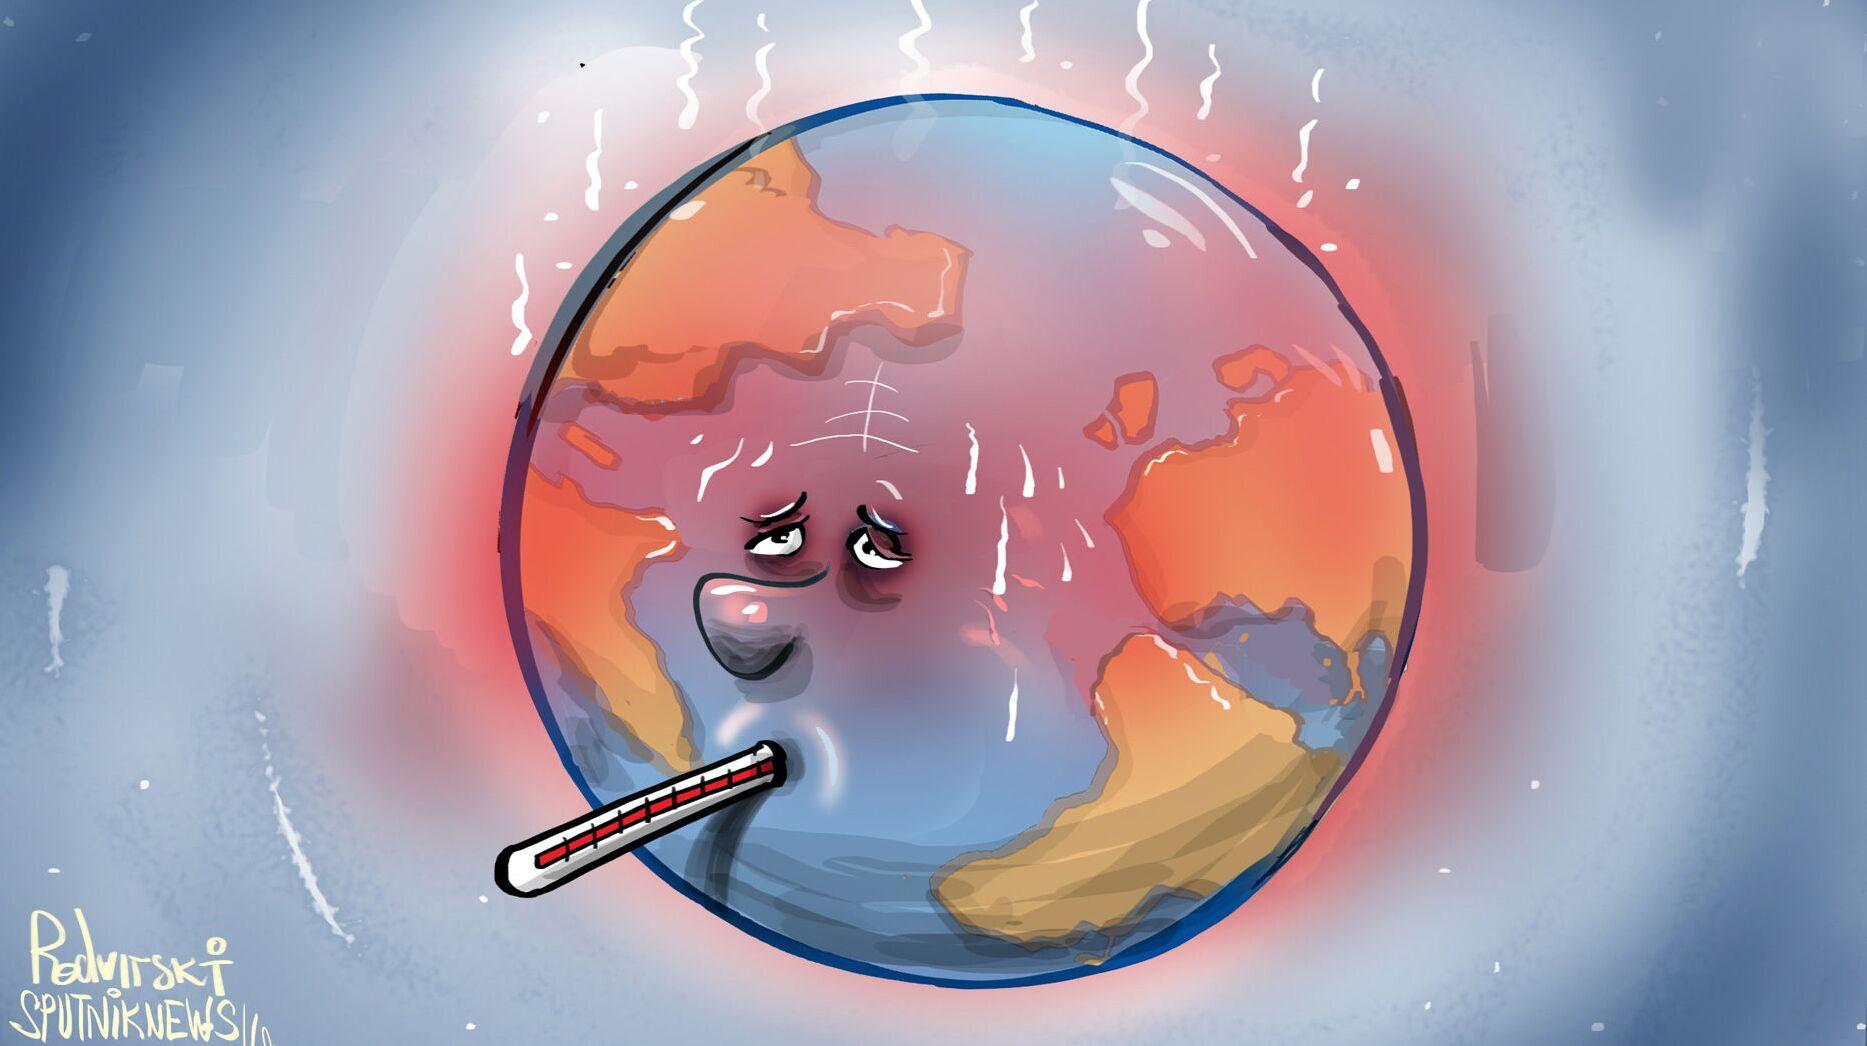 الكارثة العالمية تحل بالعالم أبكر من المتوقع